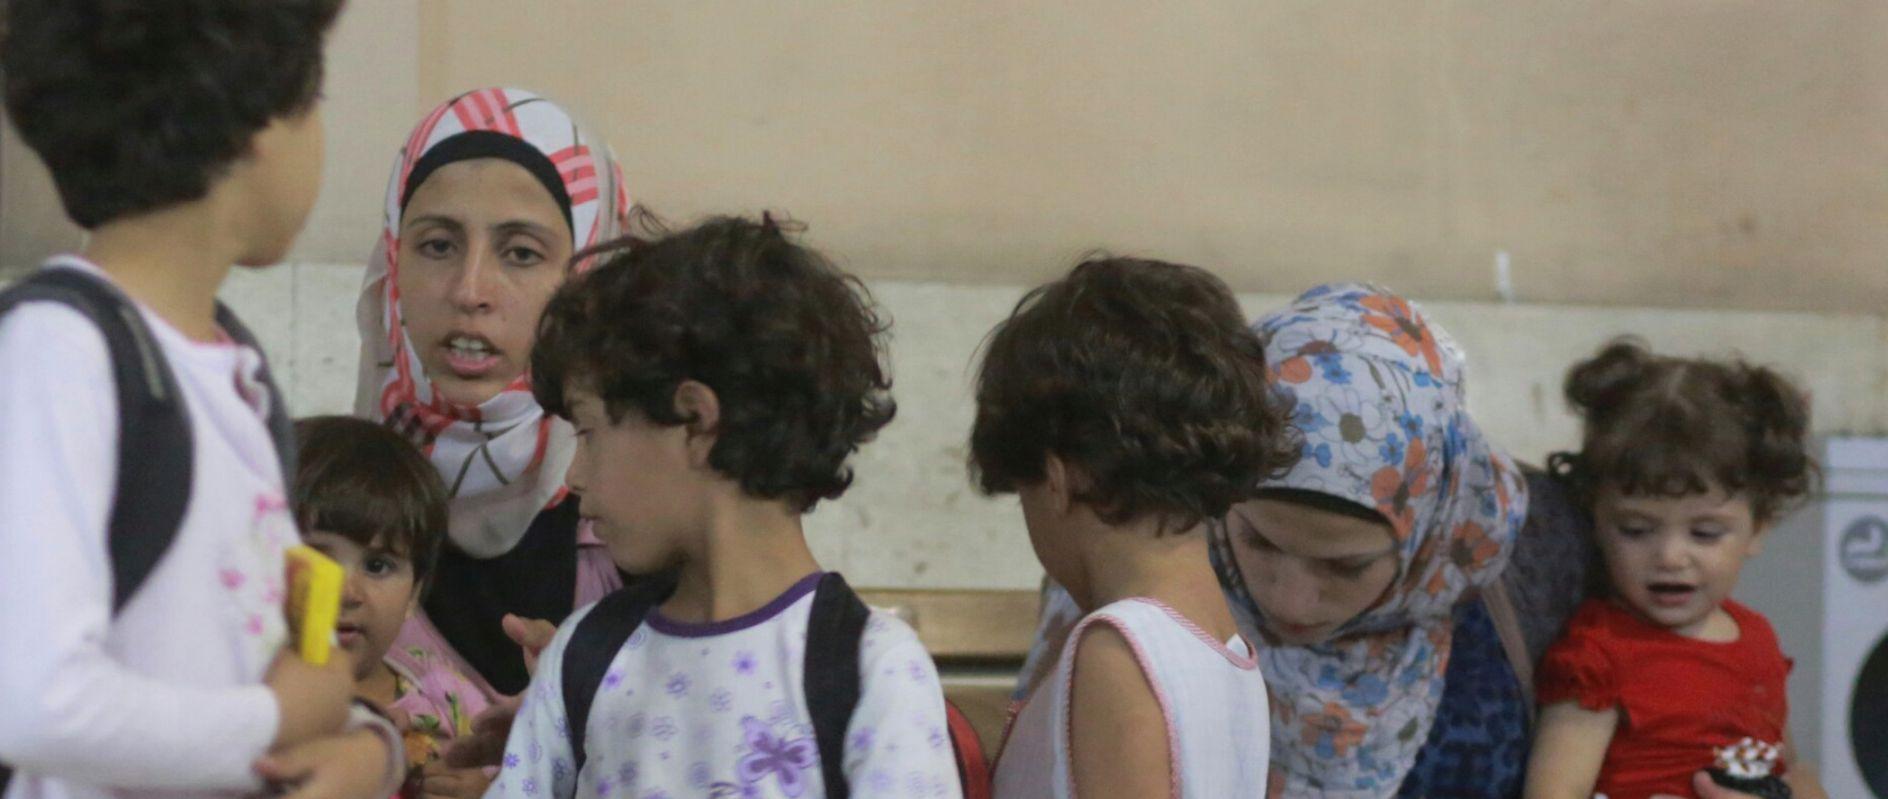 ZATVORENI GRANIČNI PRIJELAZI Više od 11 tisuća izbjeglica ušlo u Hrvatsku